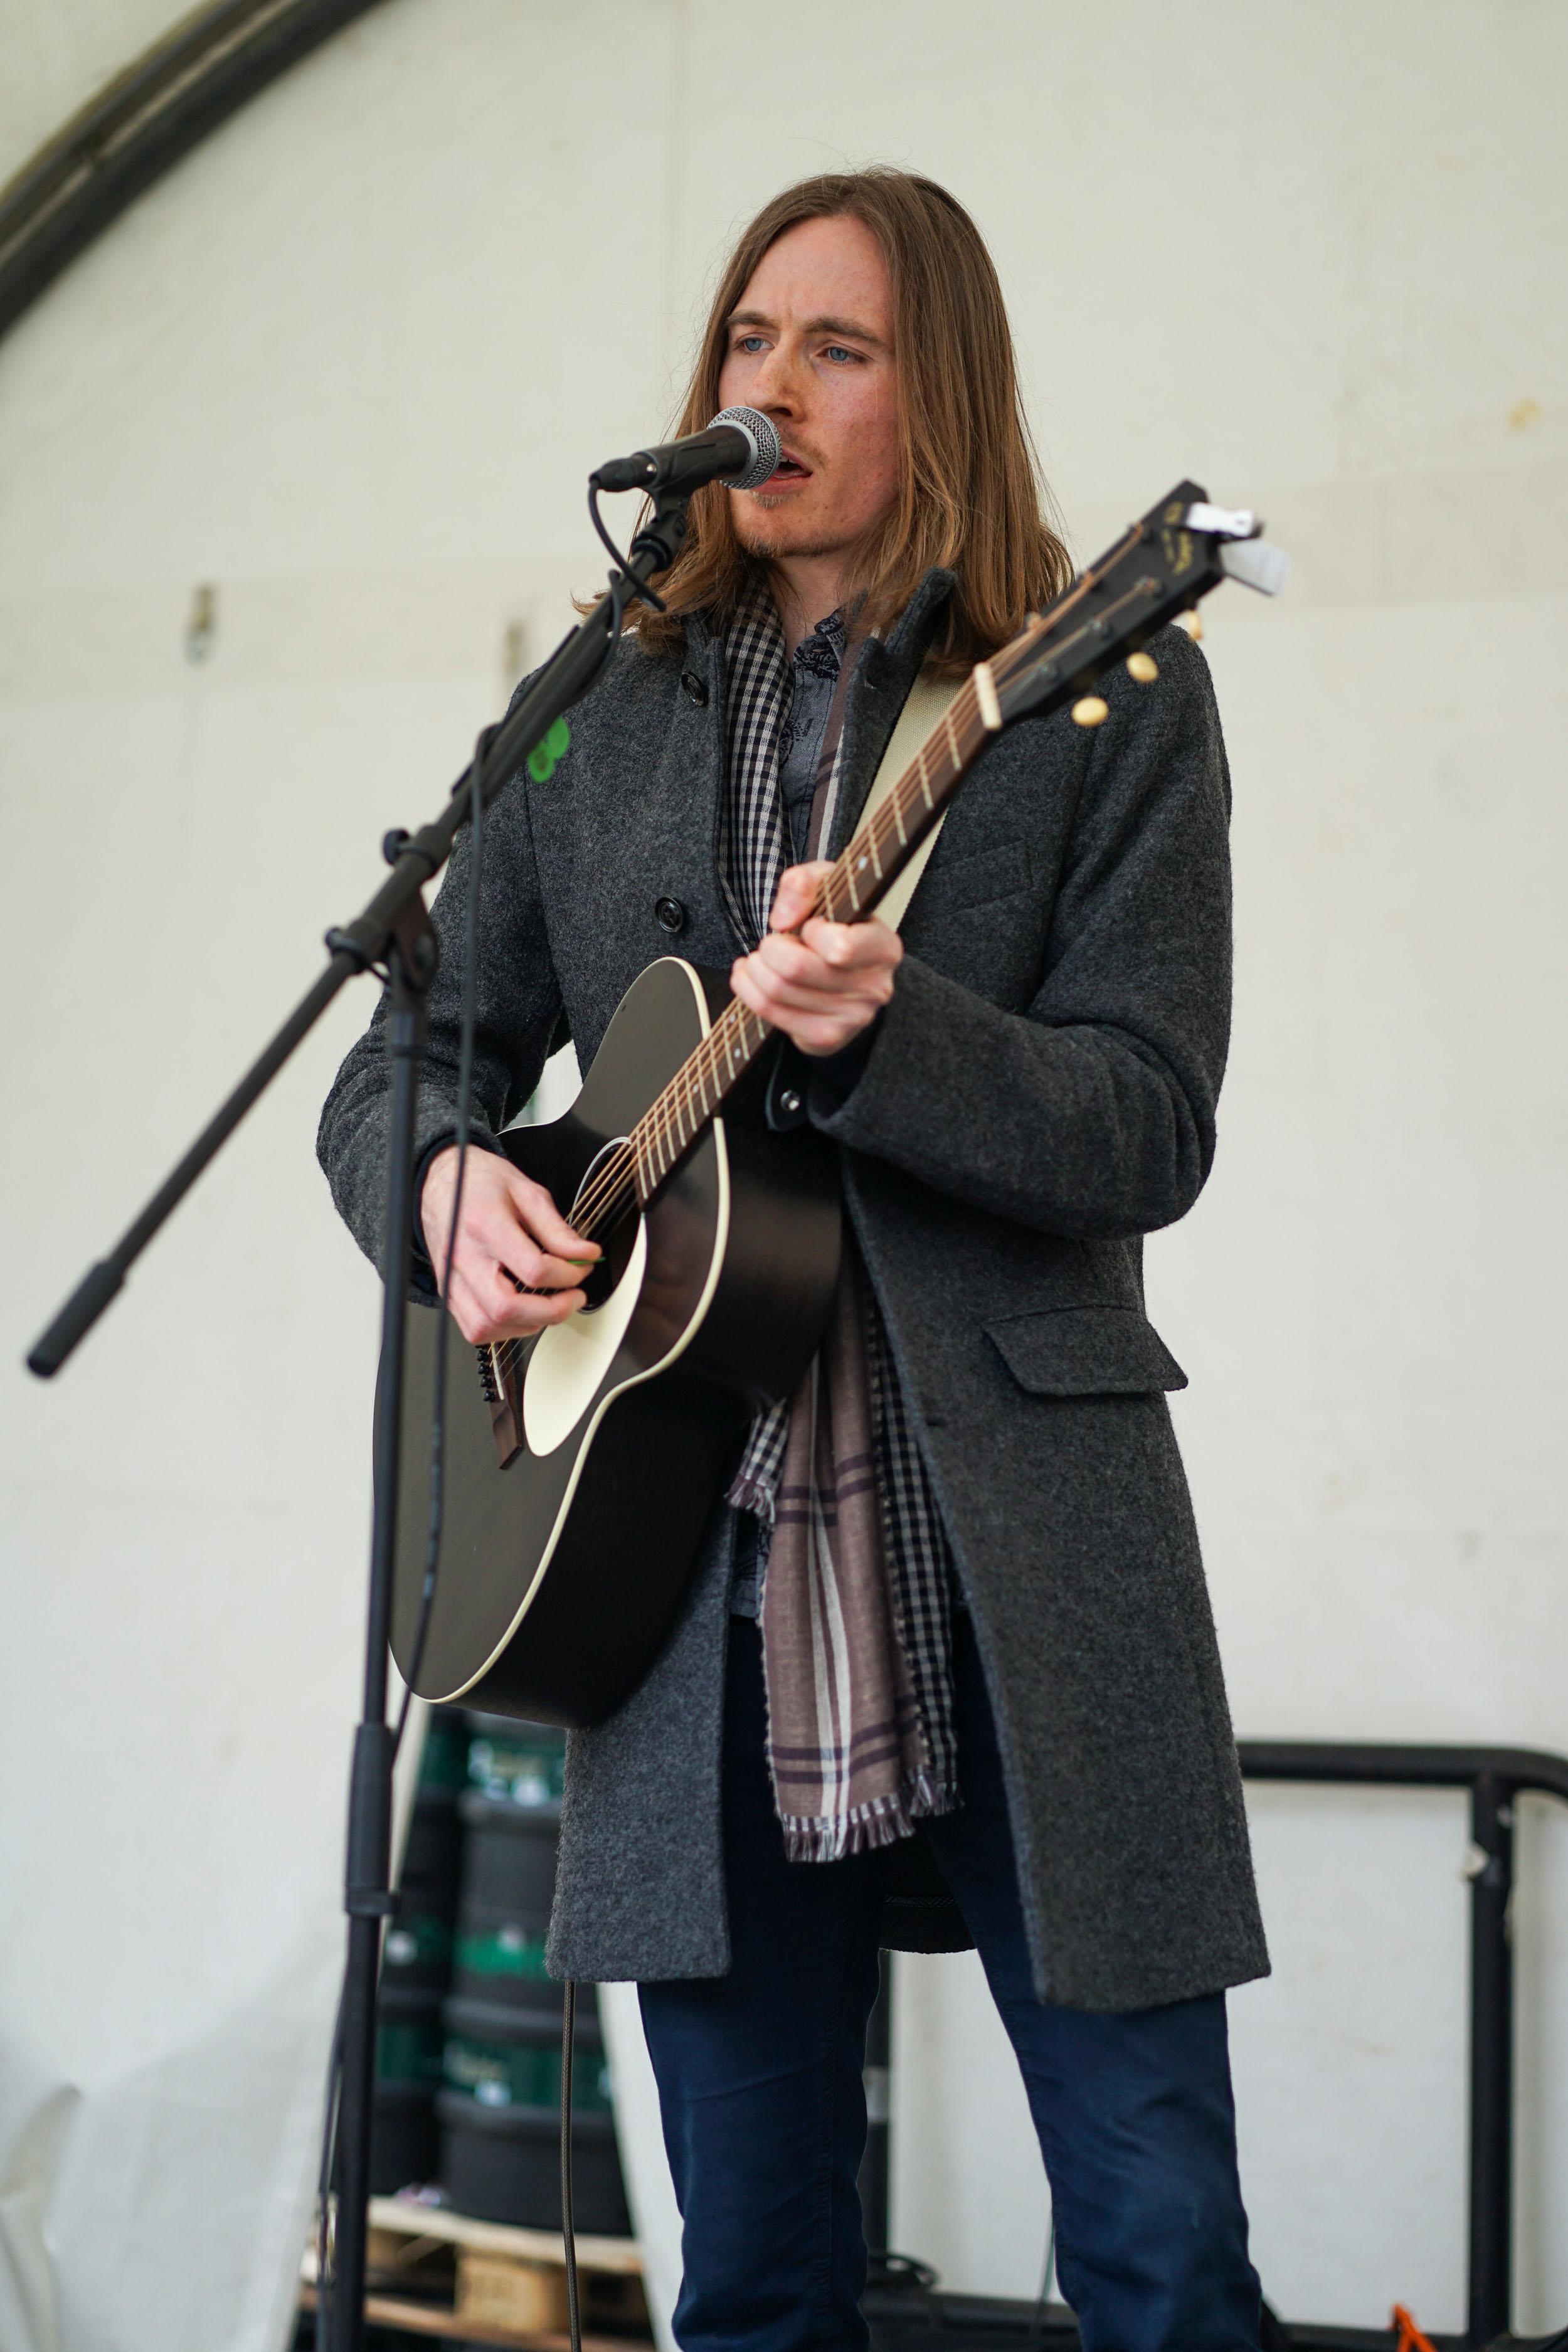 Mann schulterlangen hellbrauen Haaren, grauem Mantel und Gitarre